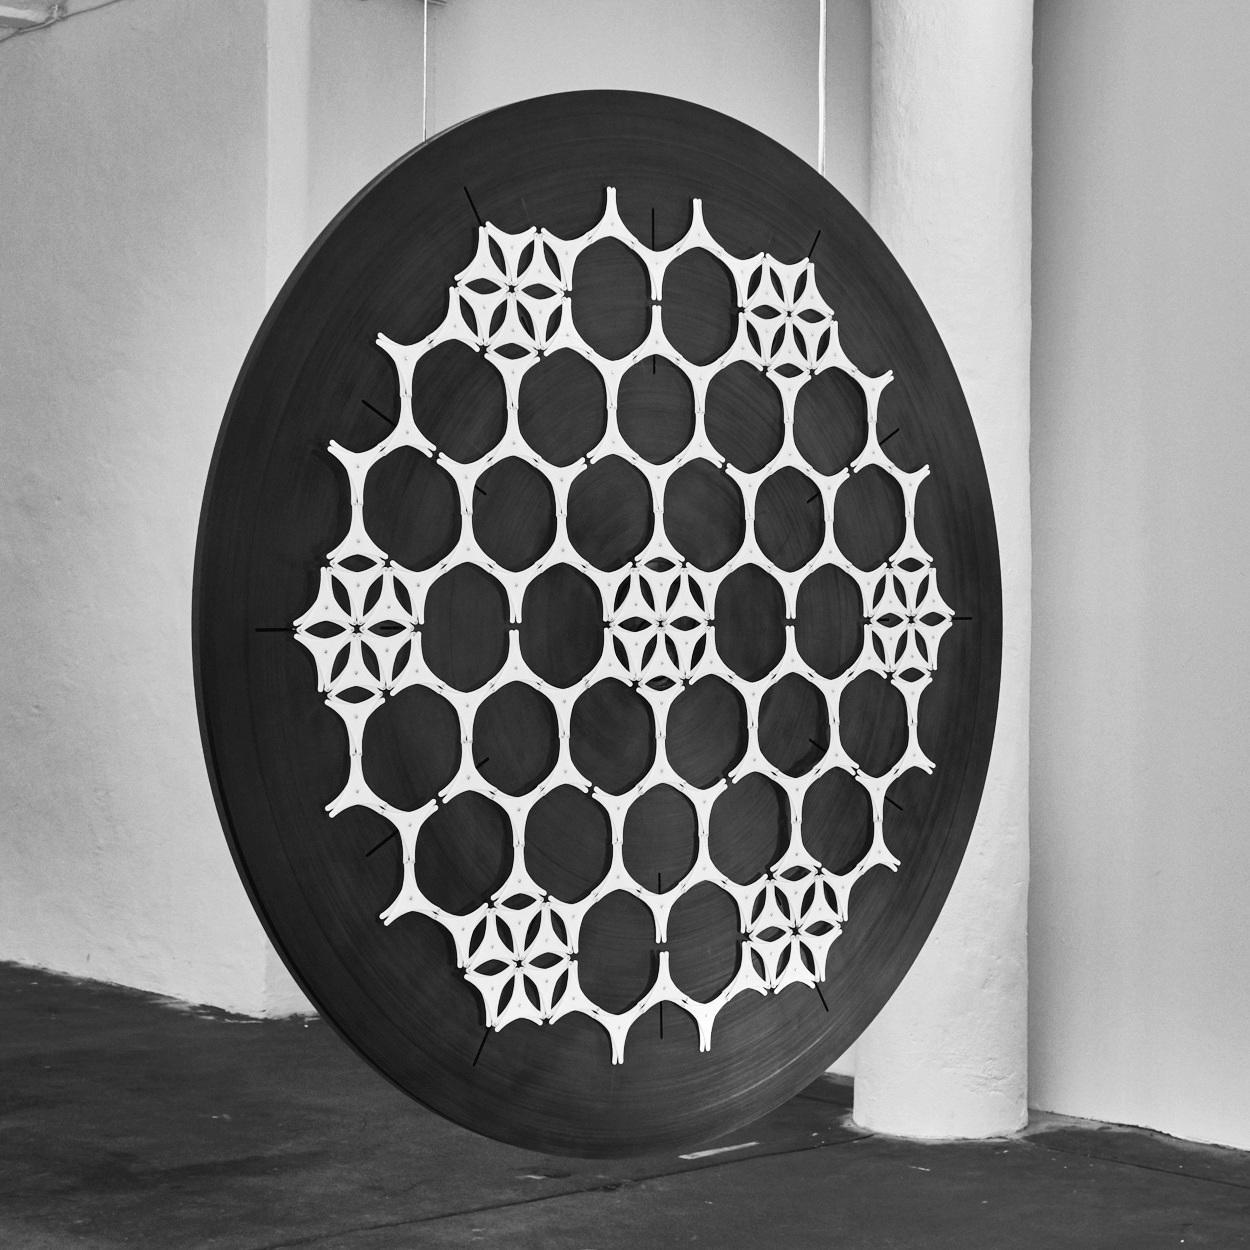 rlon-kinetic-art-installation-samsara_1.jpg